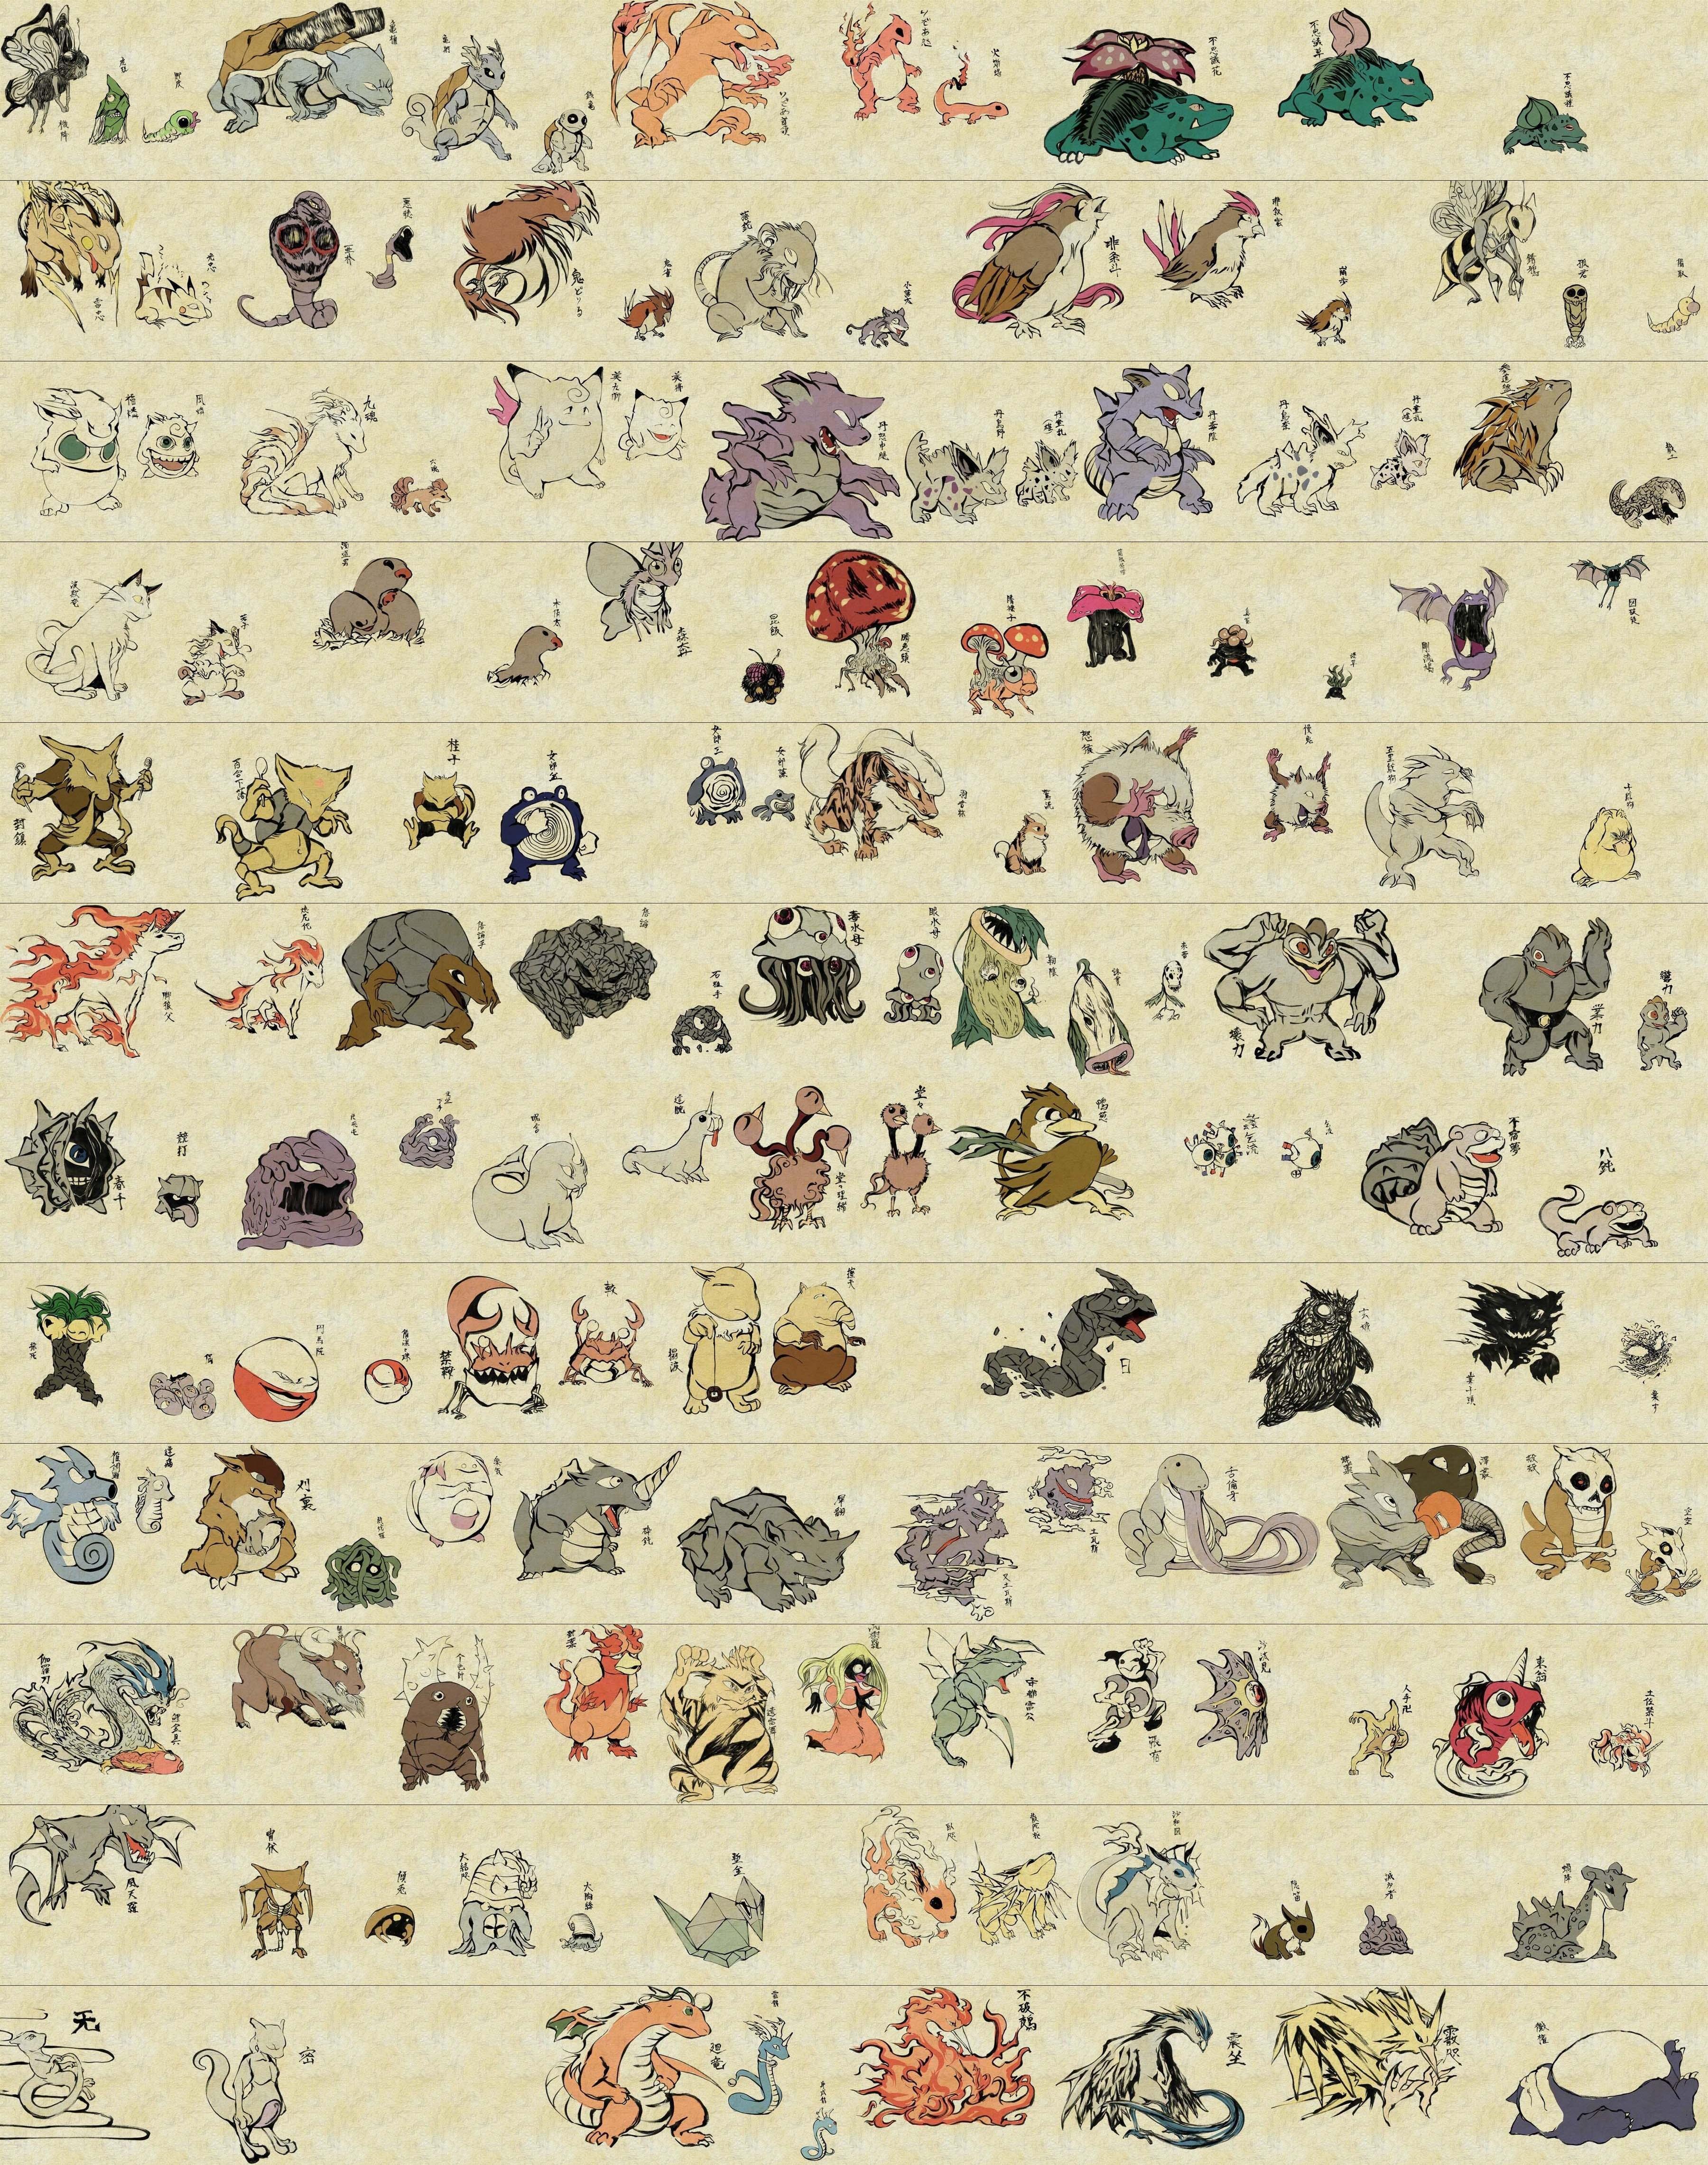 Ukiyo-e Pokemon art is amazing